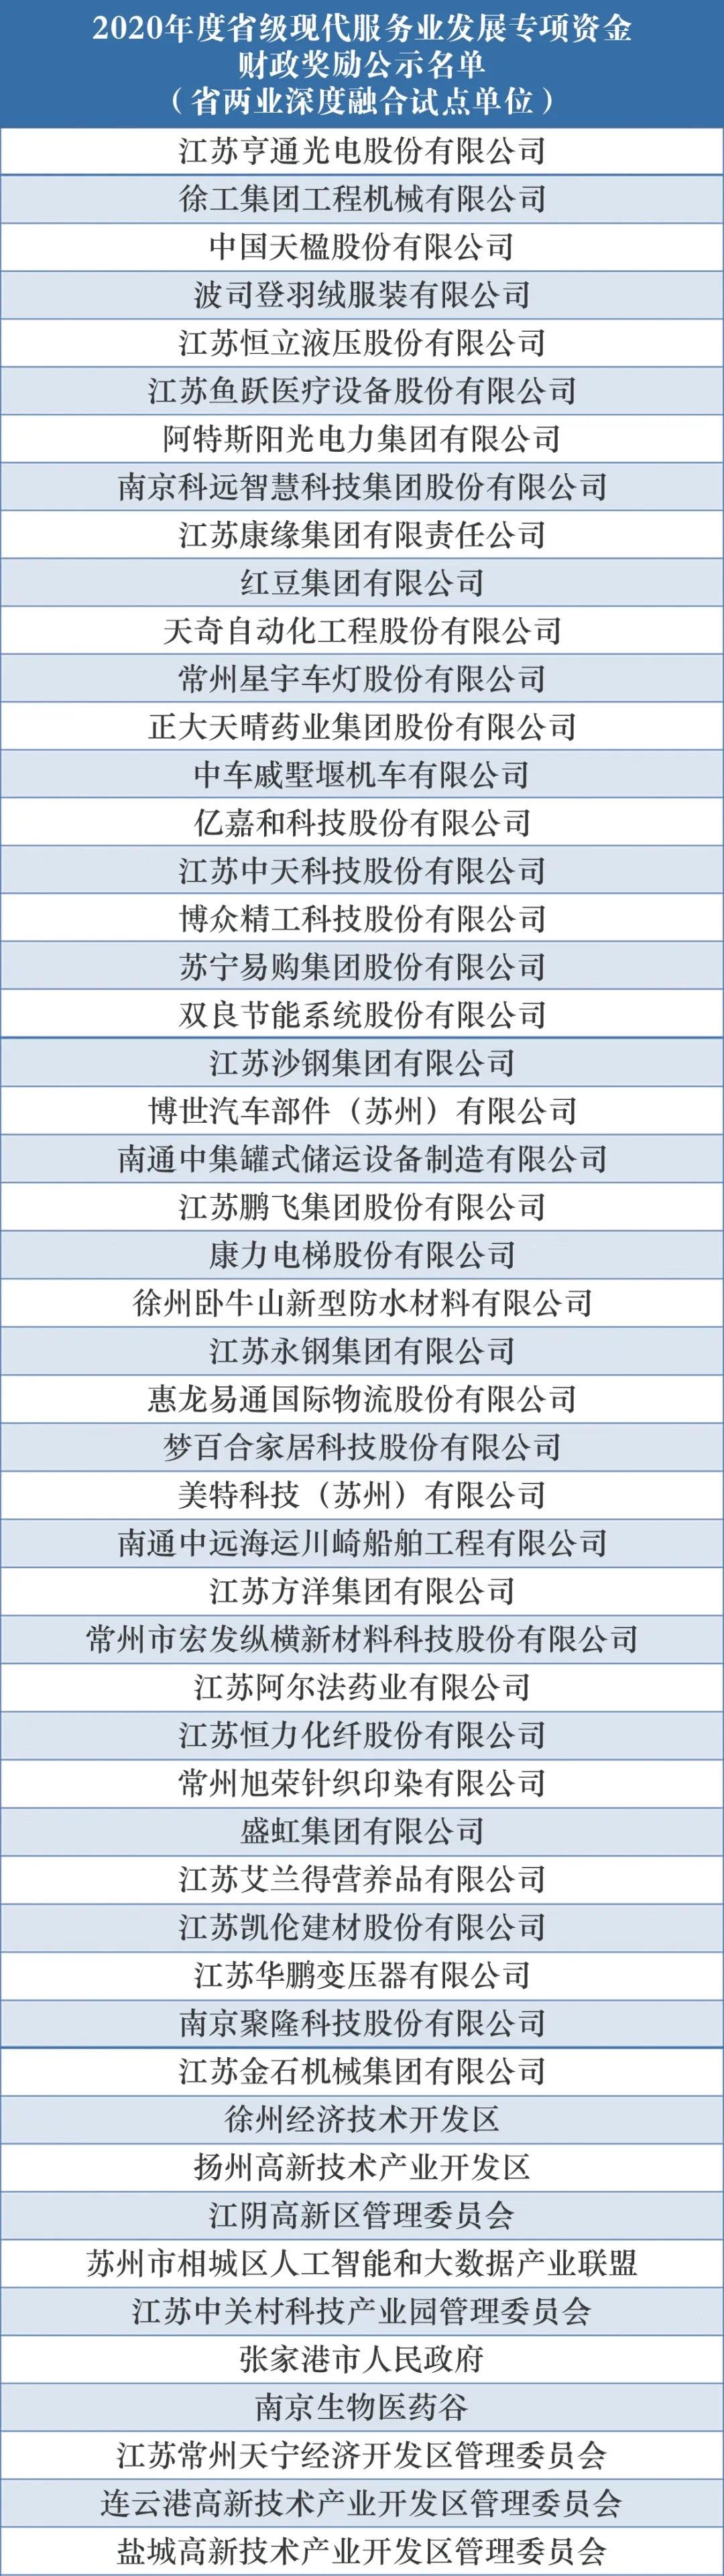 2020年度江苏省级现代服务业发展专项资金财政奖励名单来了!这些企业榜上有名